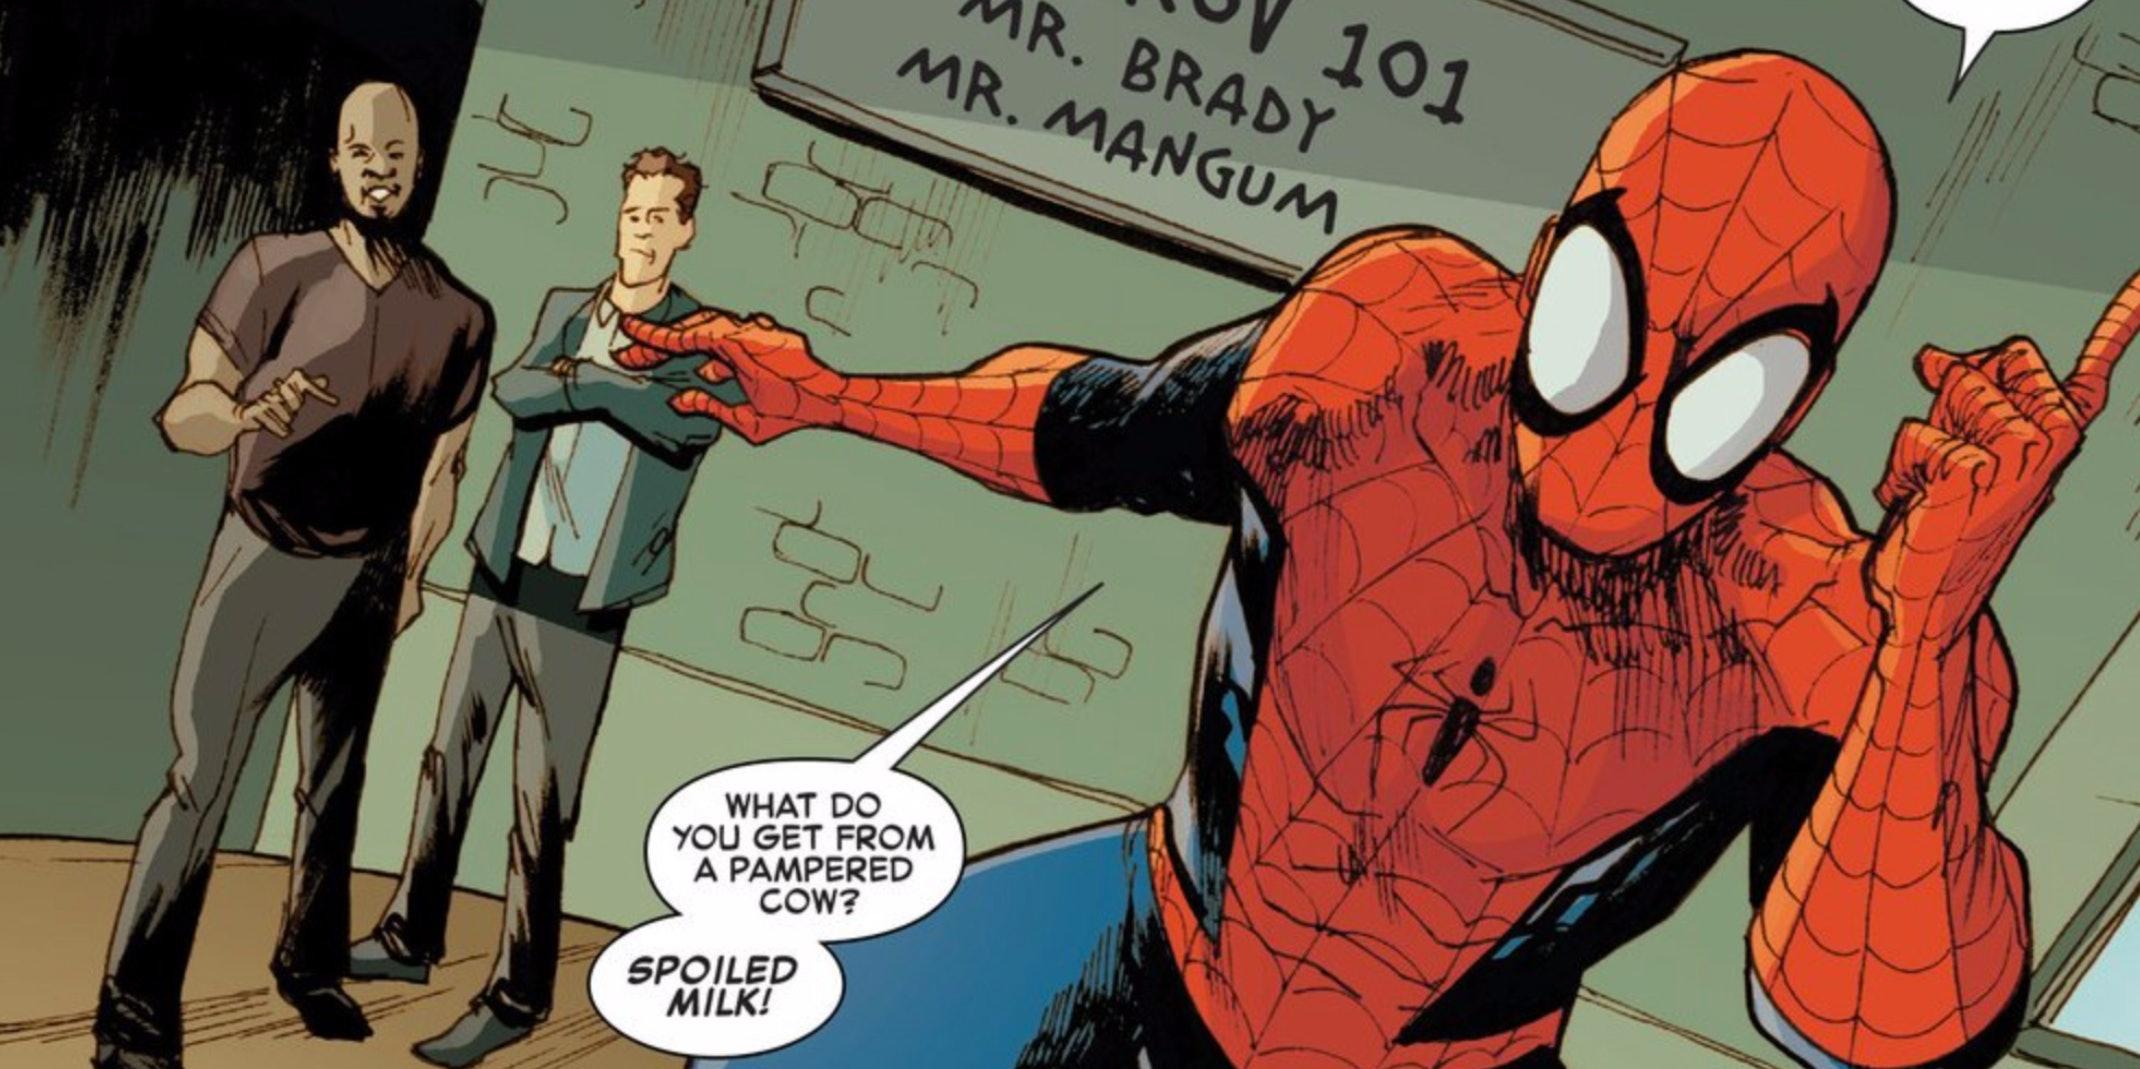 Spider-Man Takes an Improv Class...From Wayne Brady